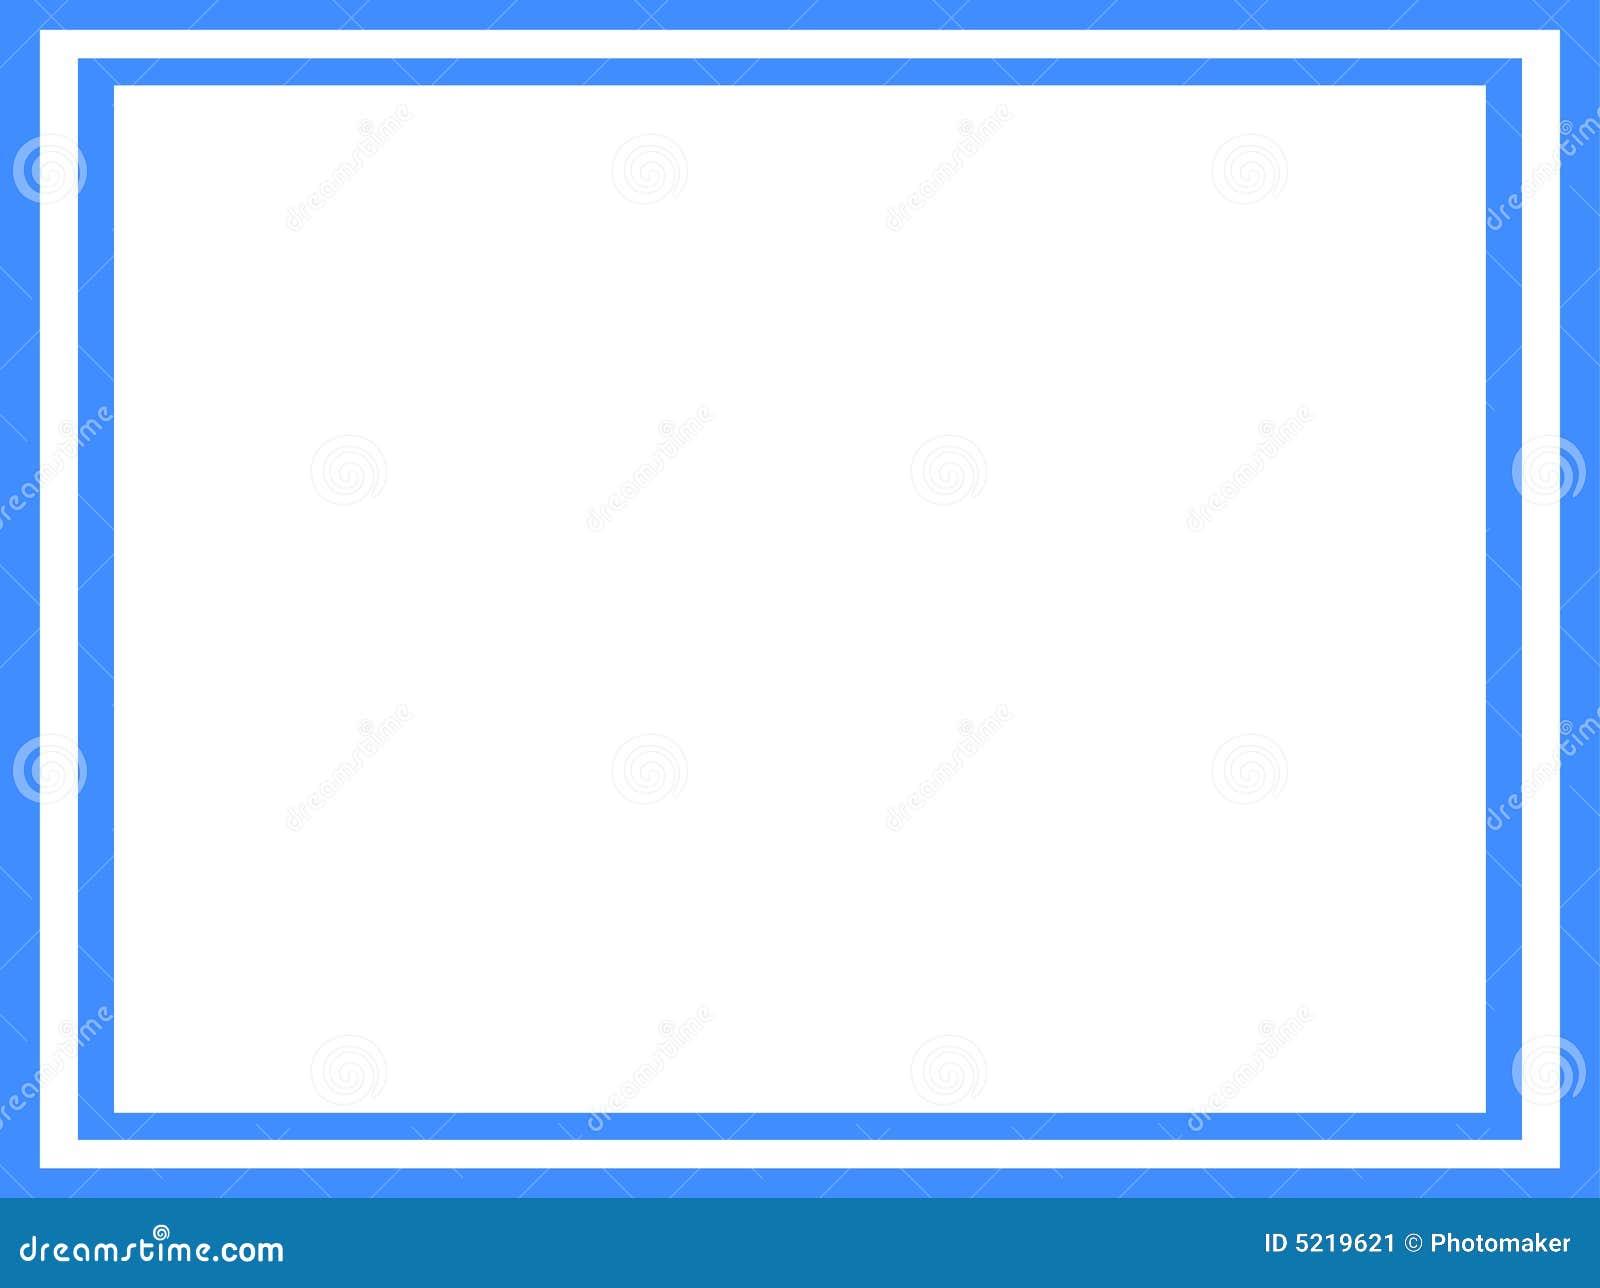 Marco azul y blanco ilustración del vector. Ilustración de blanco ...